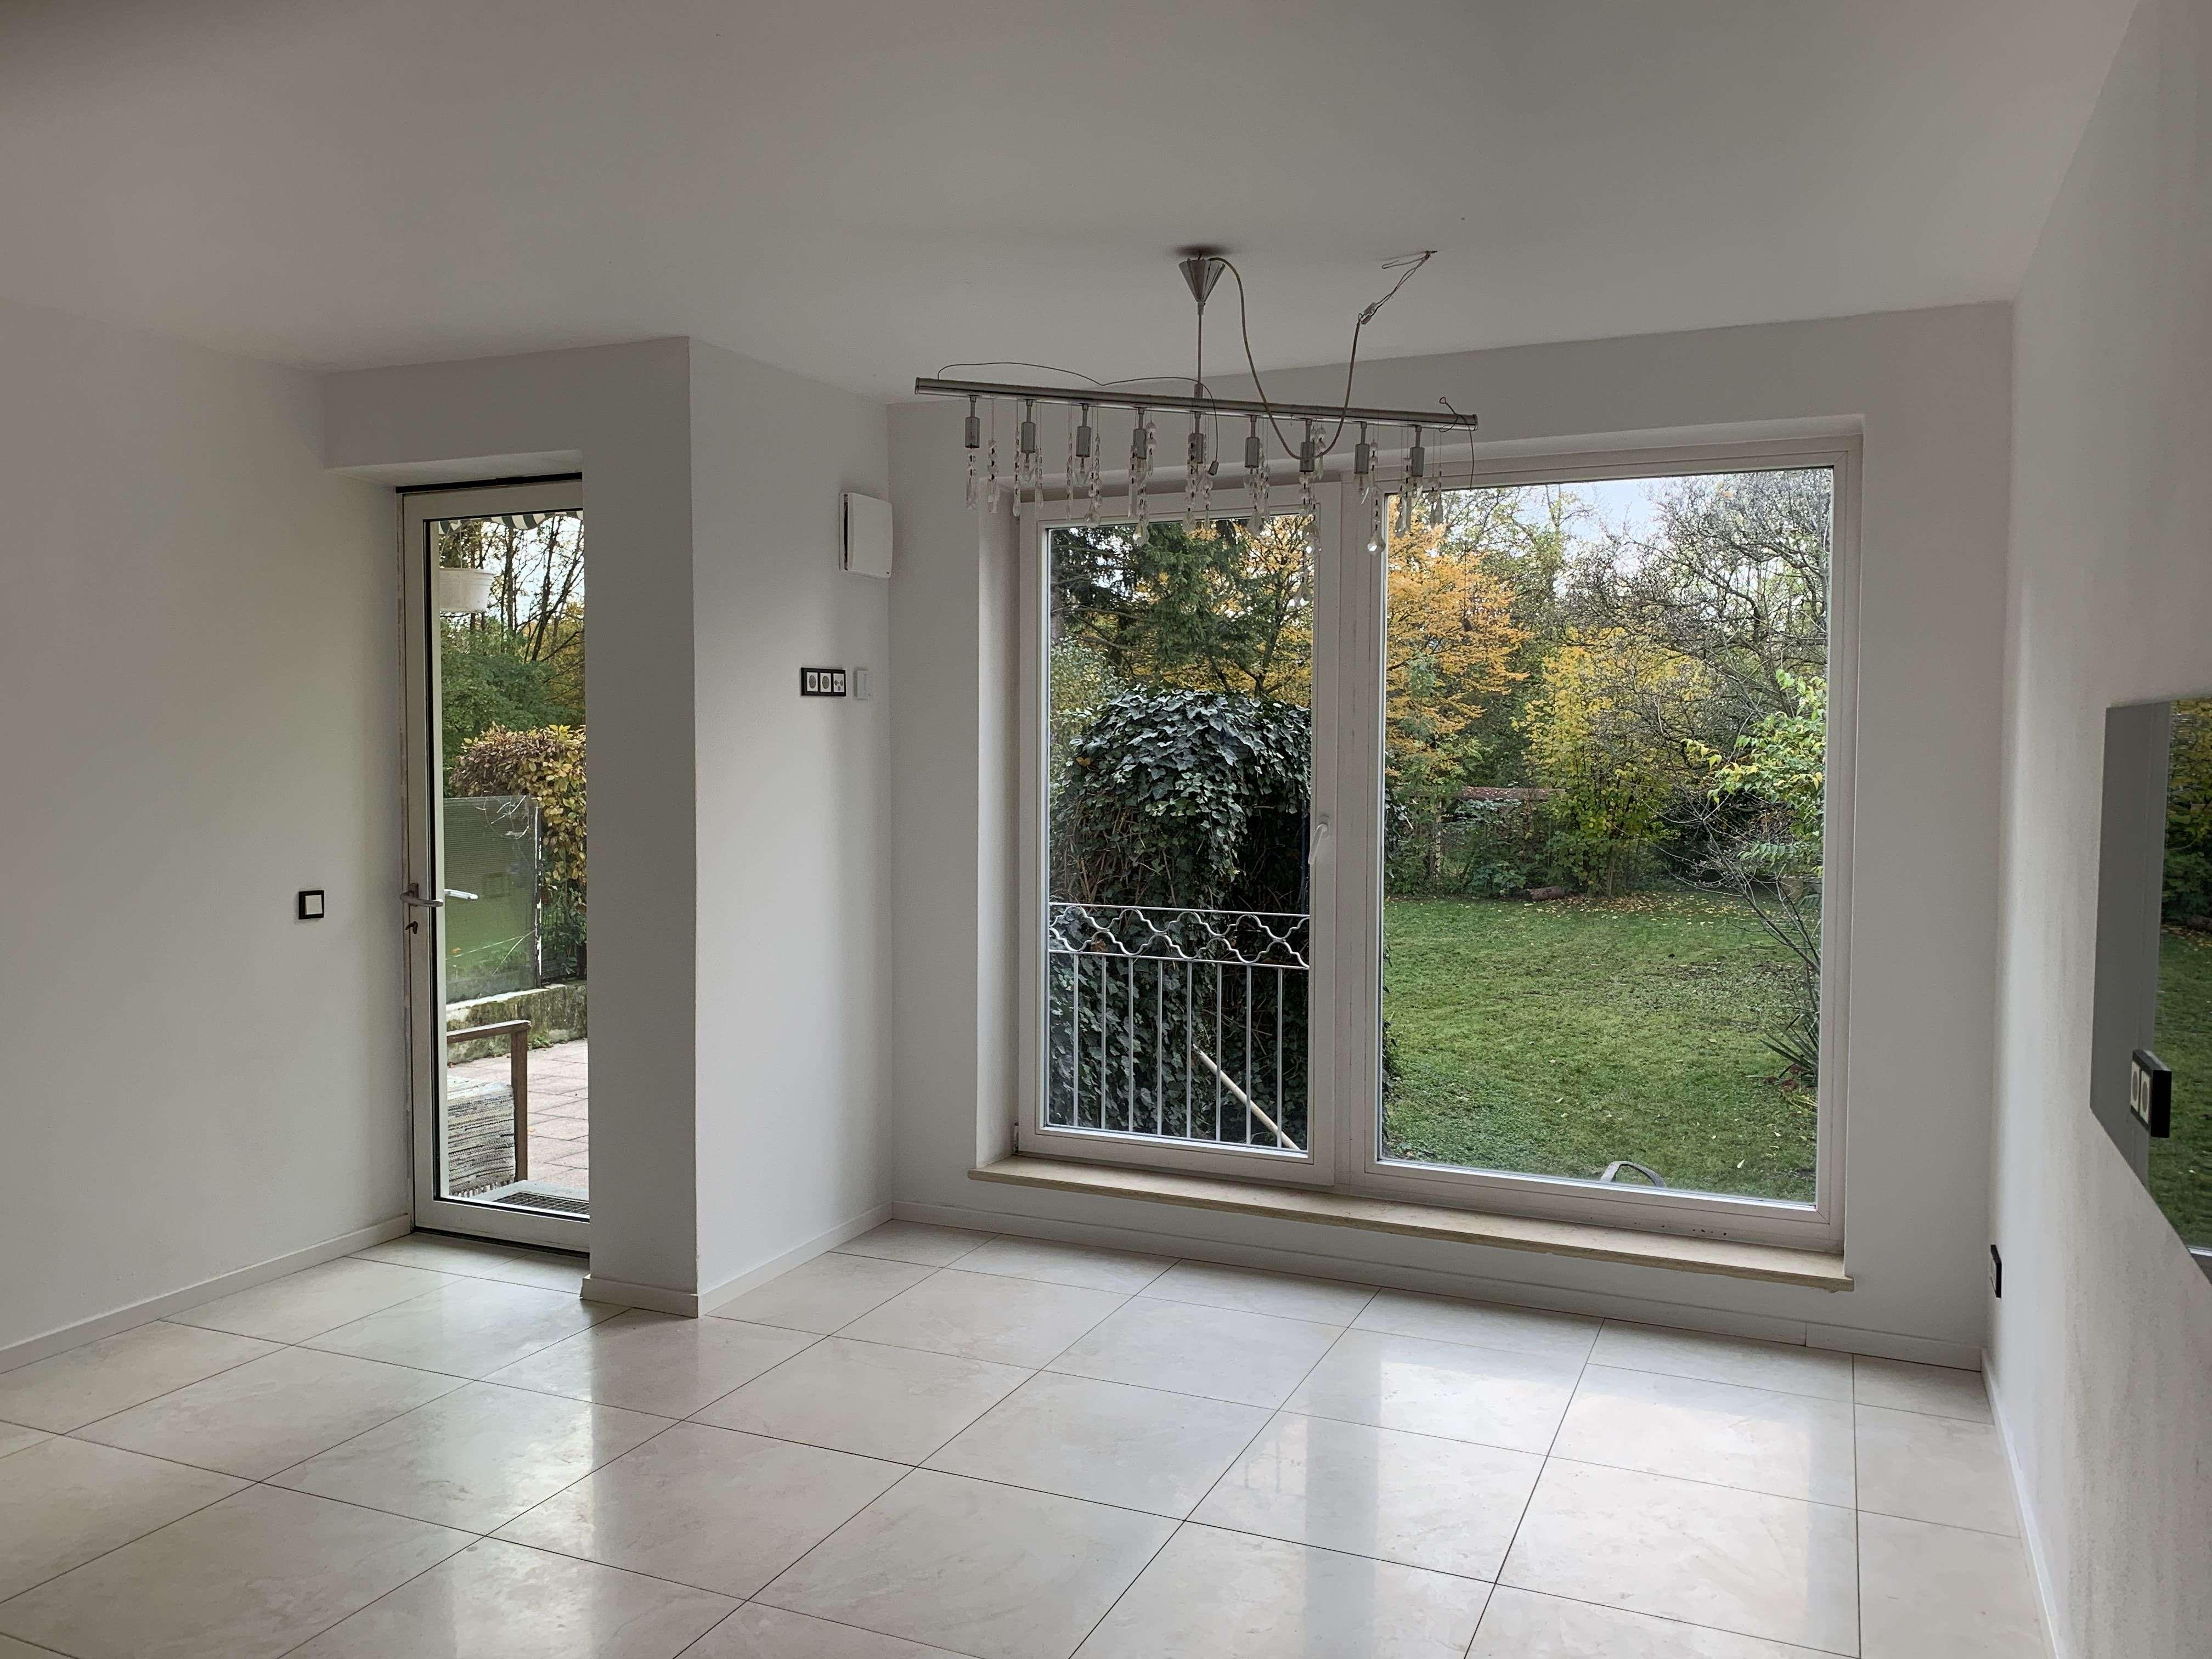 Sonnige hochwertig ausgestattete 2-Zimmer-Terrassenwohnung mit Garten in Rosenheim-Süd (Rosenheim)